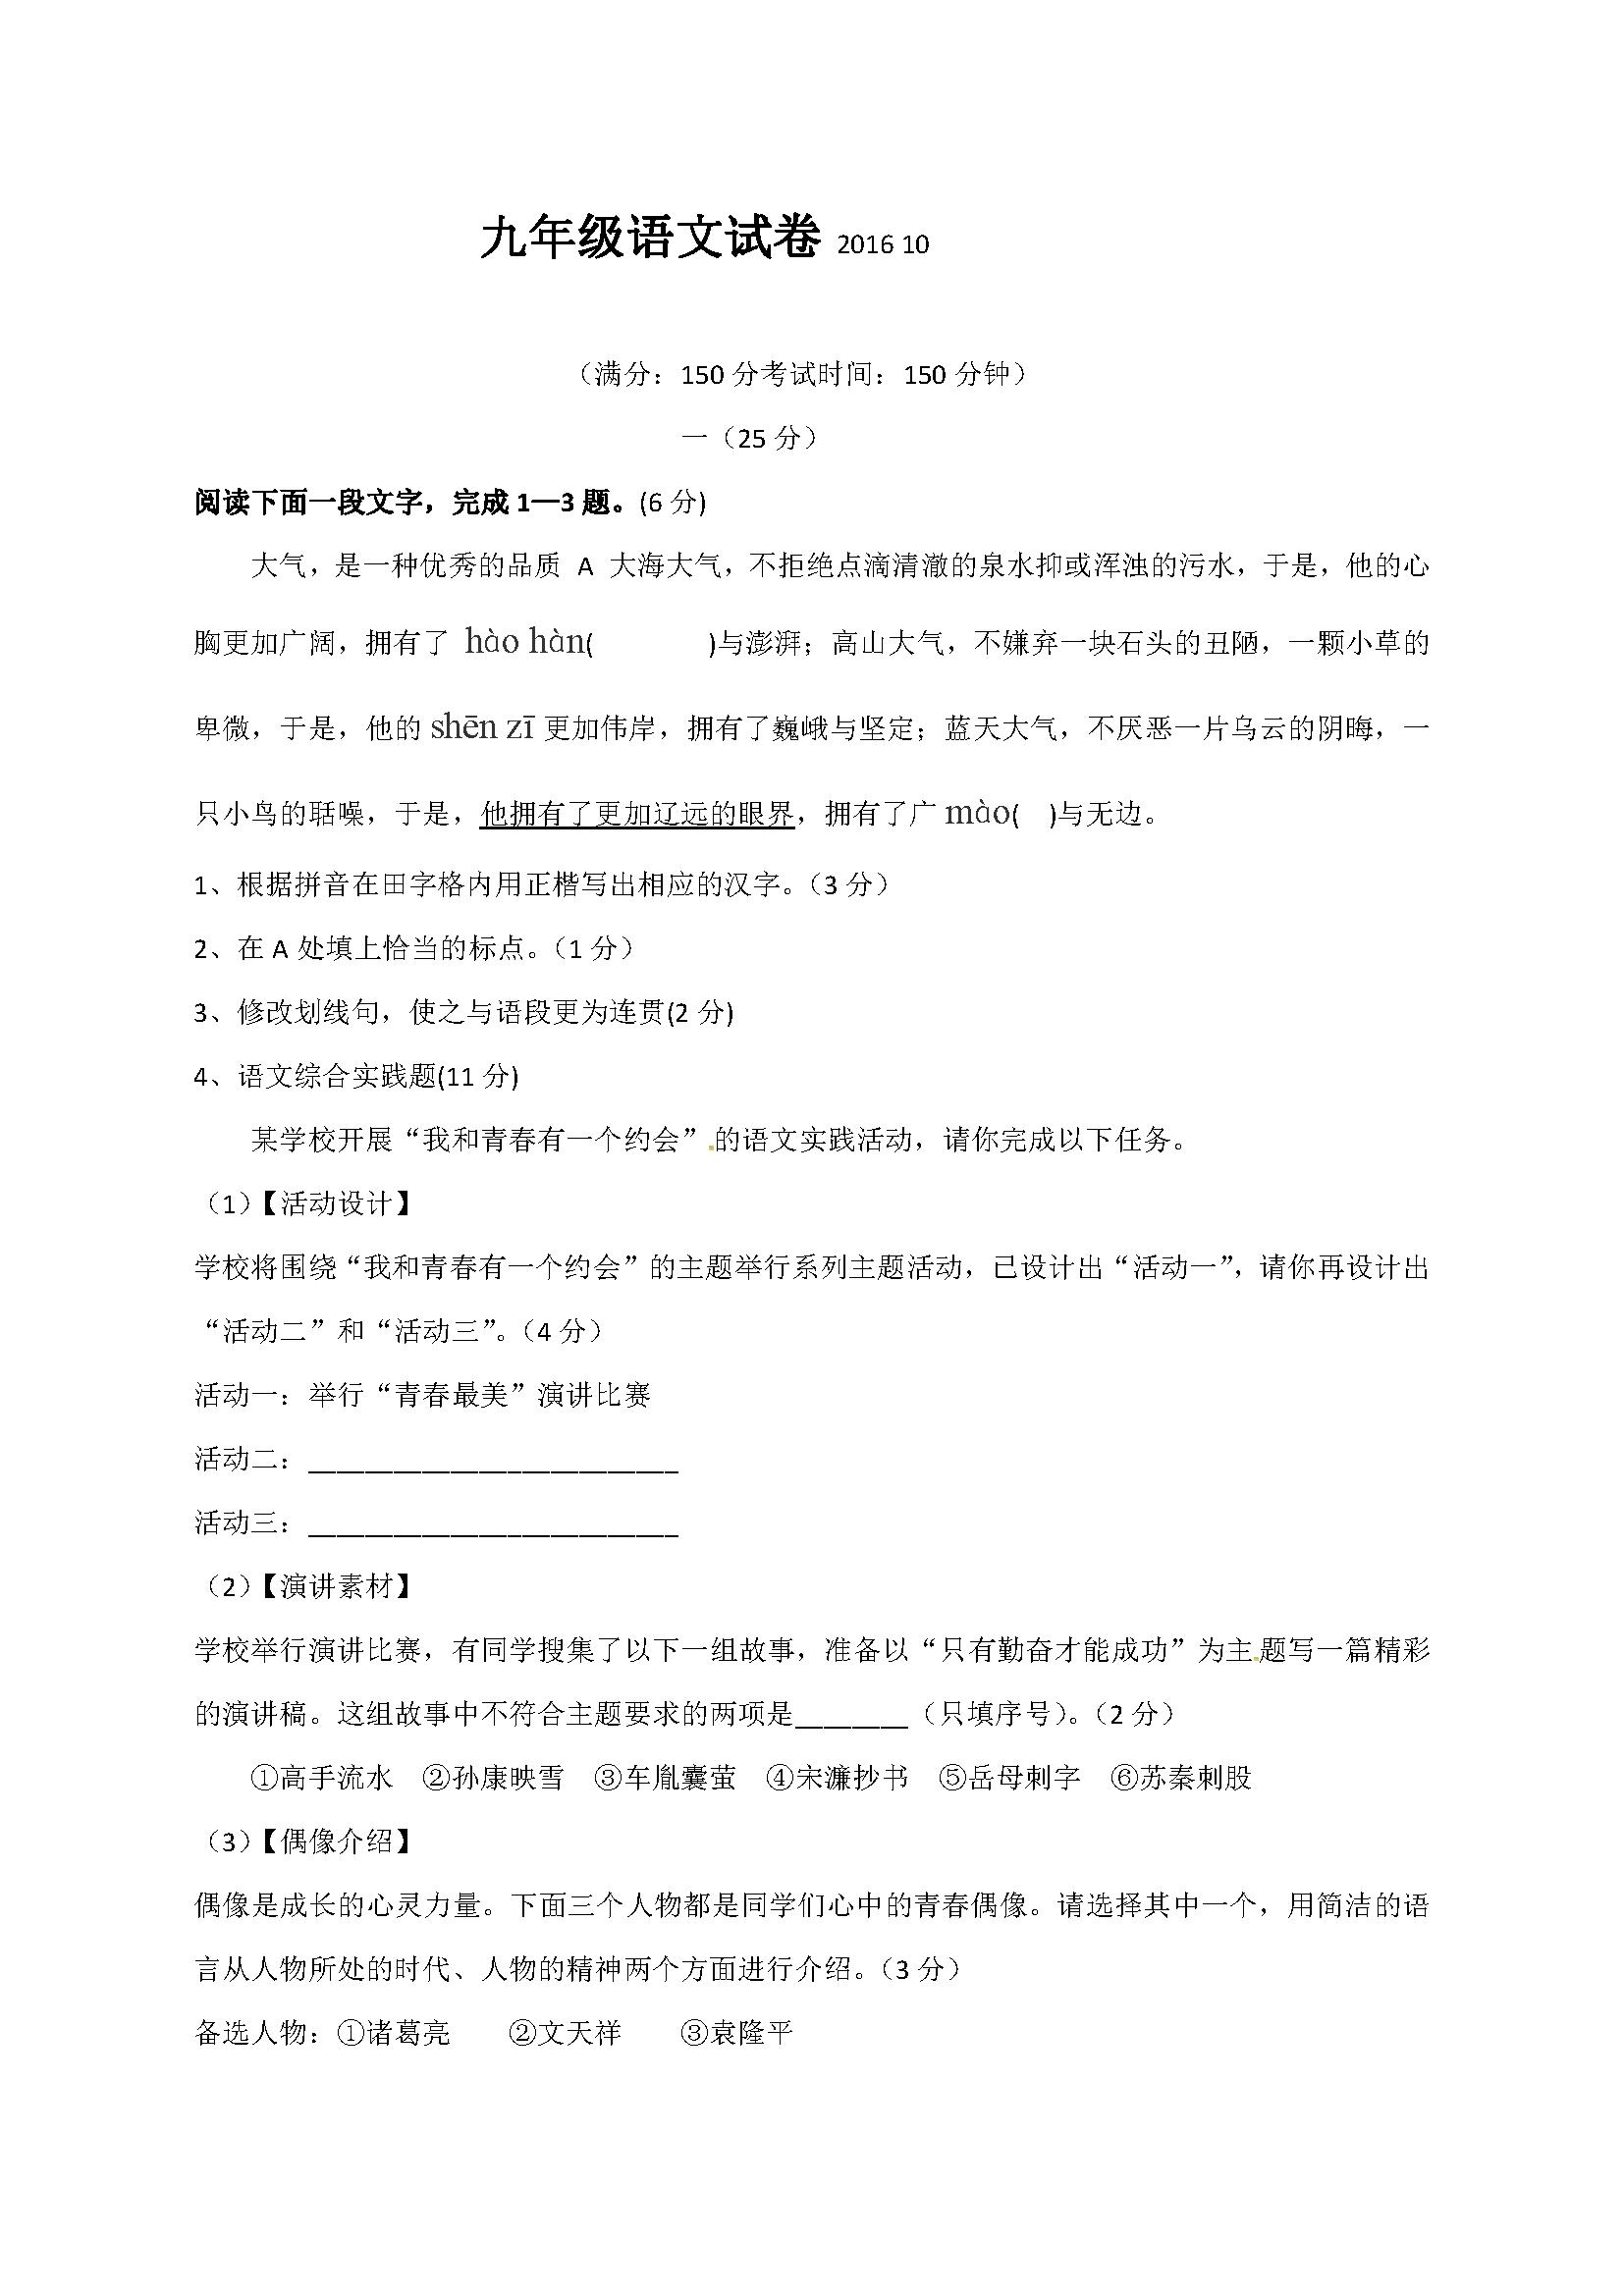 江苏海安曲塘中学附属初级中学2017九年级10月月考语文试题(Word版)